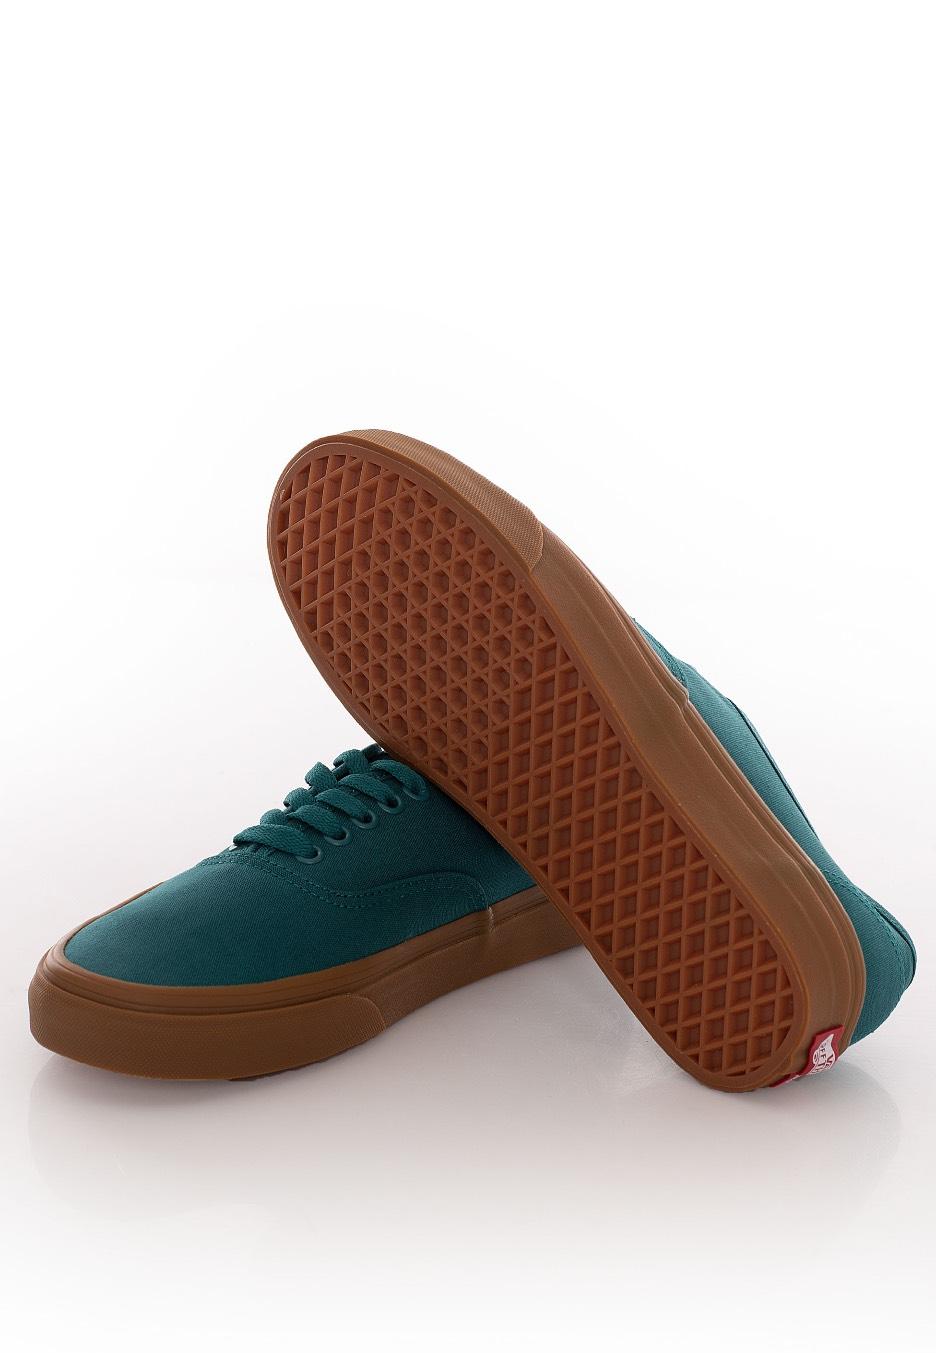 4e2736309232 Vans authentic quetzal green gum schuhe jpg 936x1353 Green gum